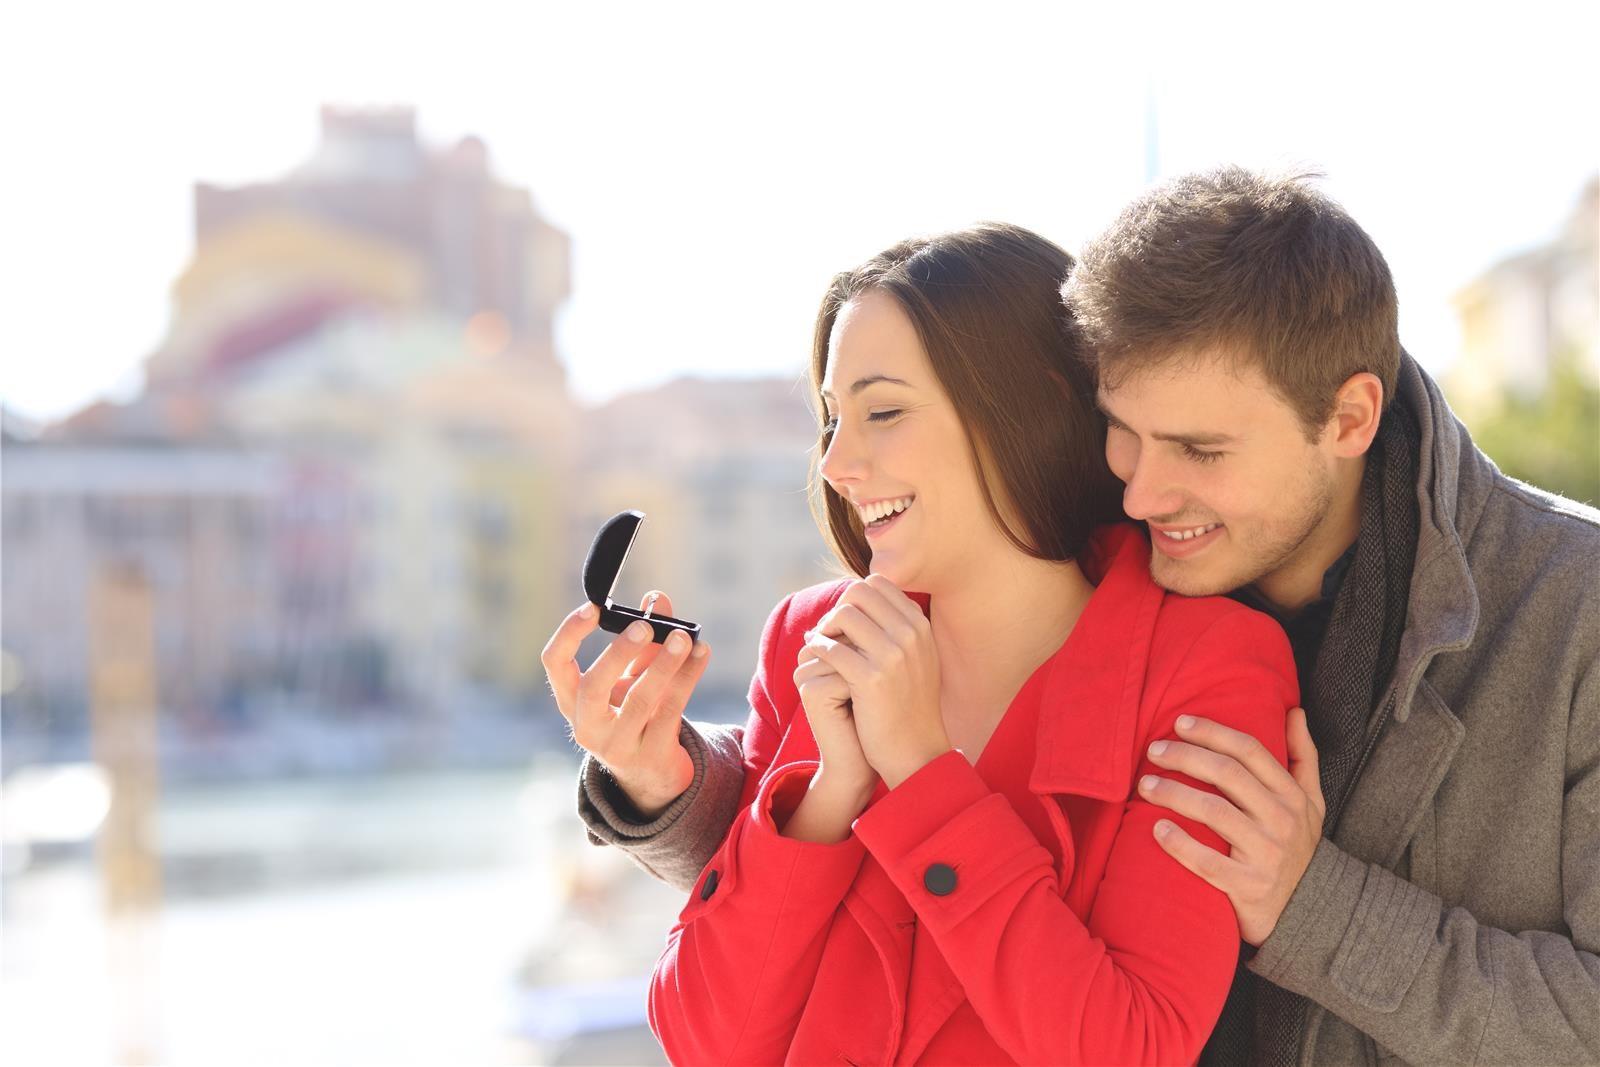 הצעת נישואים (צילום: Shutterstock)